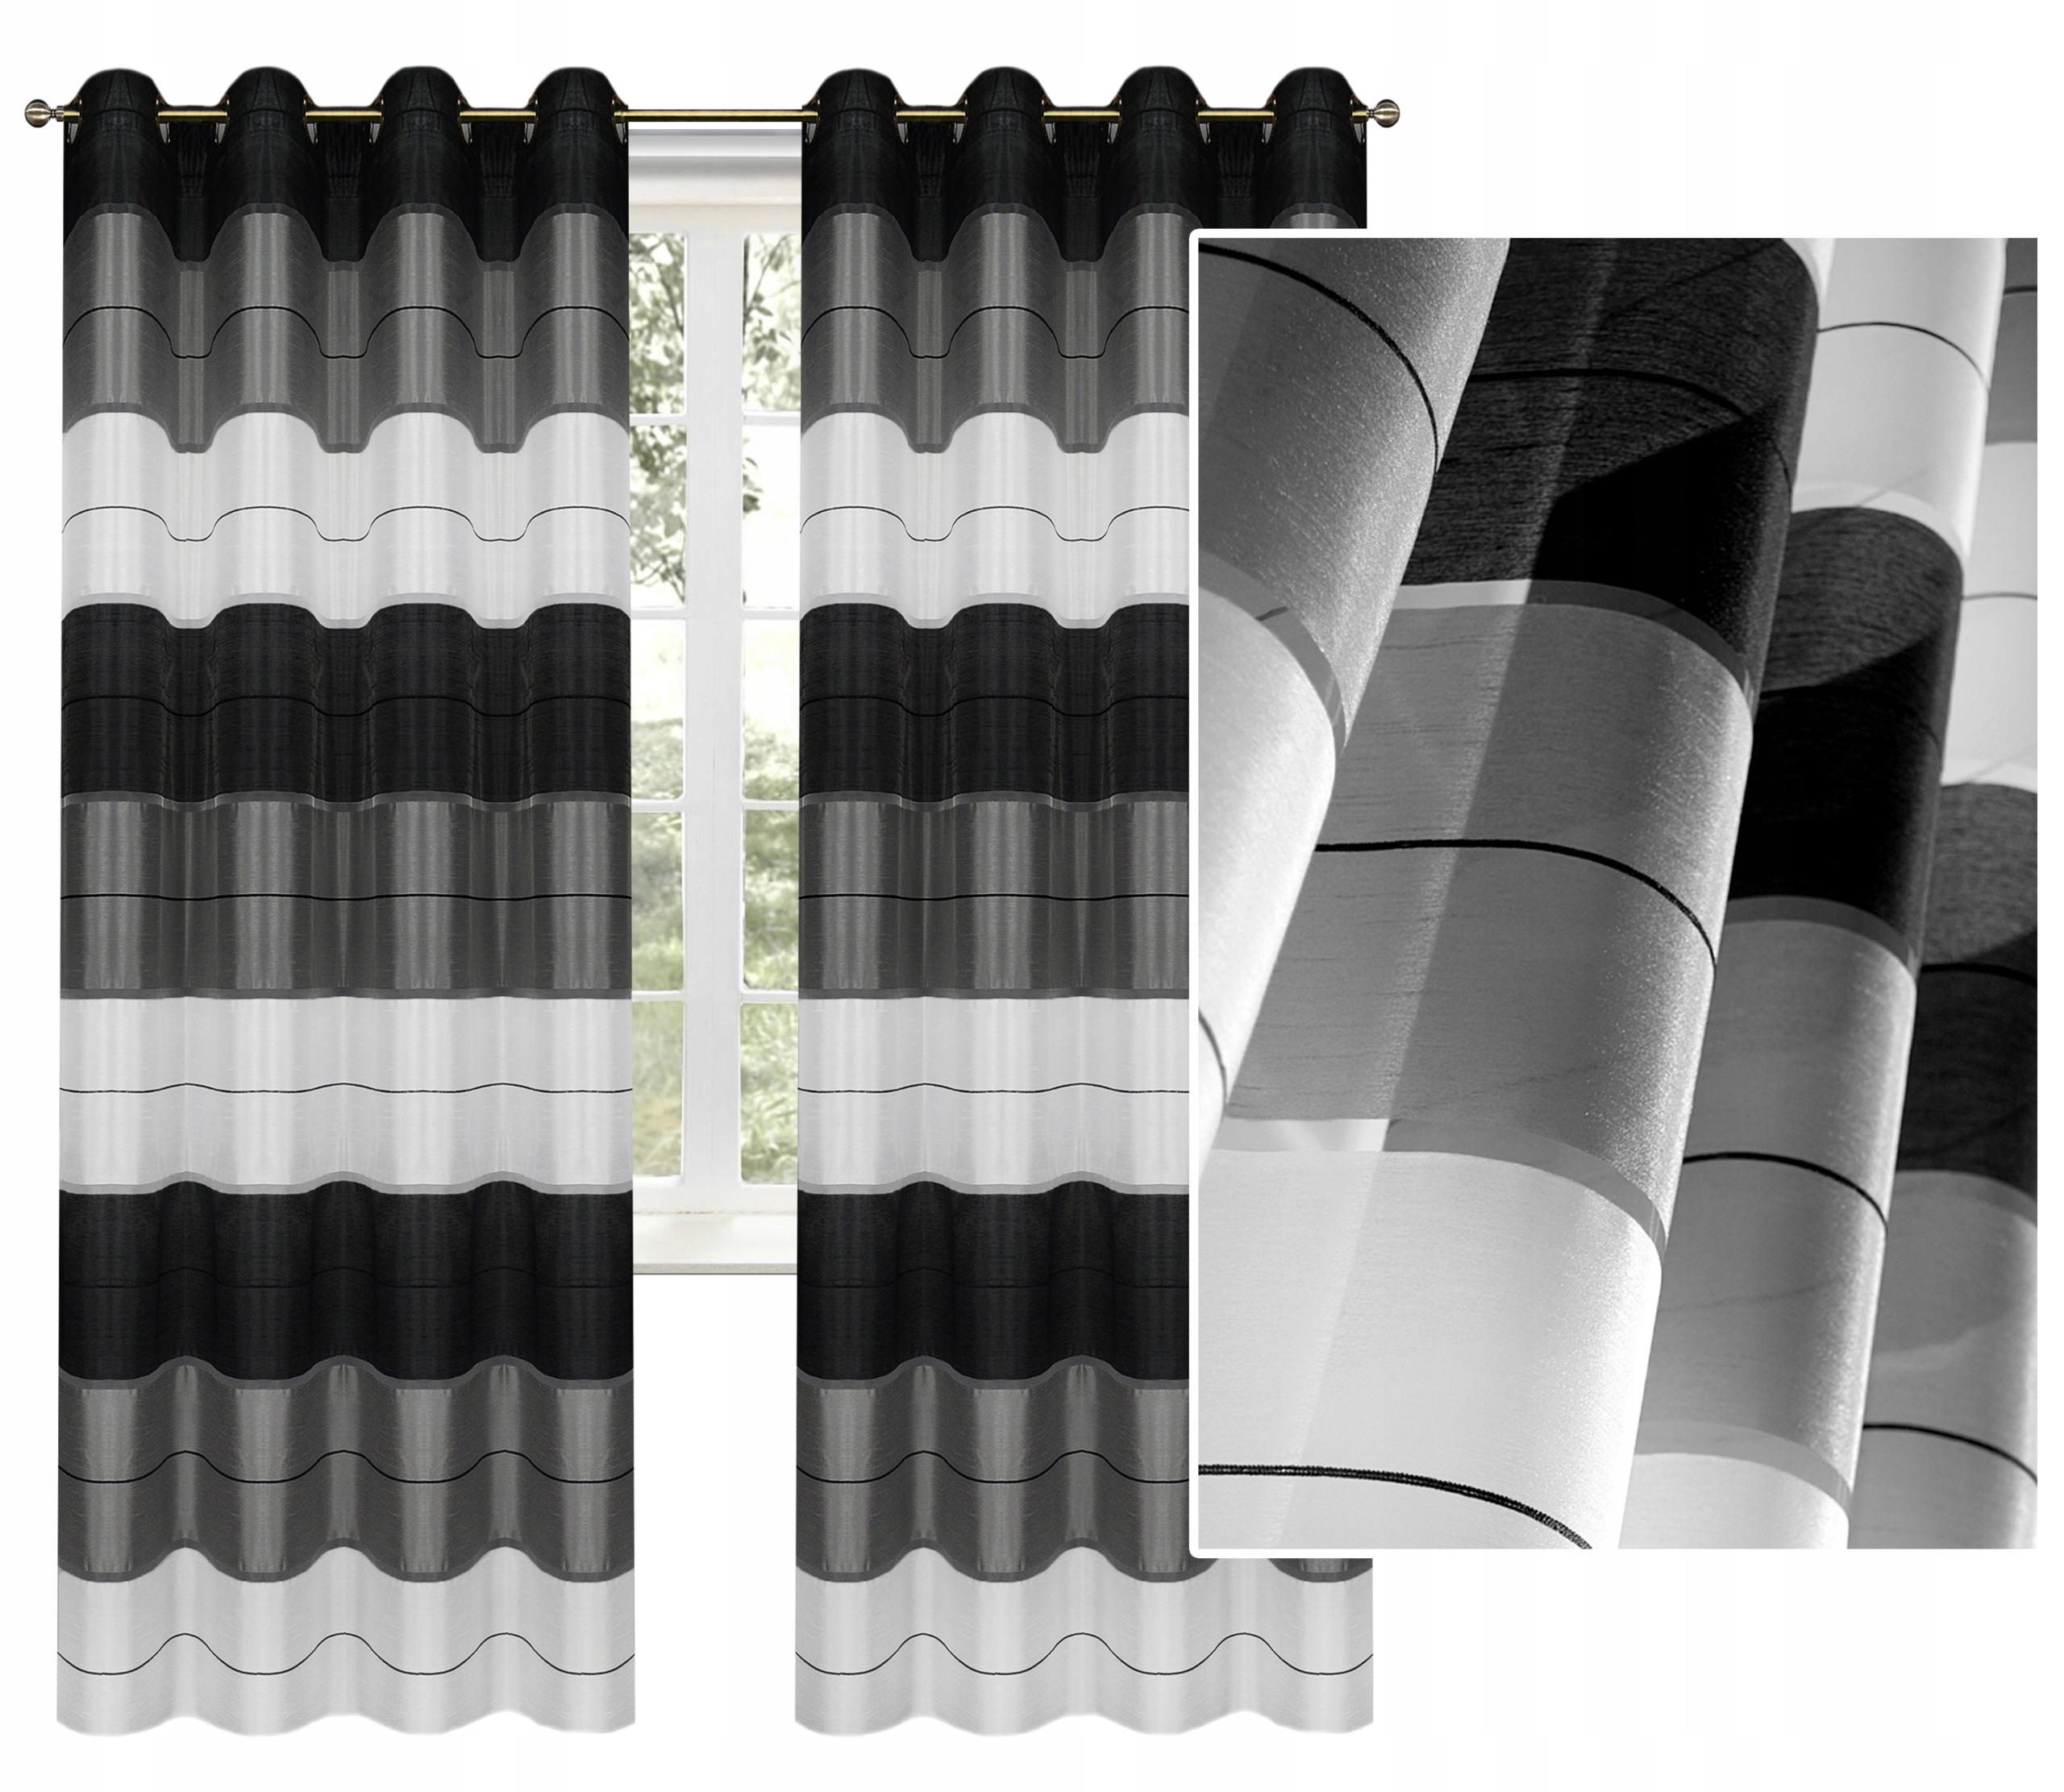 ШТОРЫ Готовые шторы, завеса В ТОЛСТЫЕ РЕМНИ 145x250